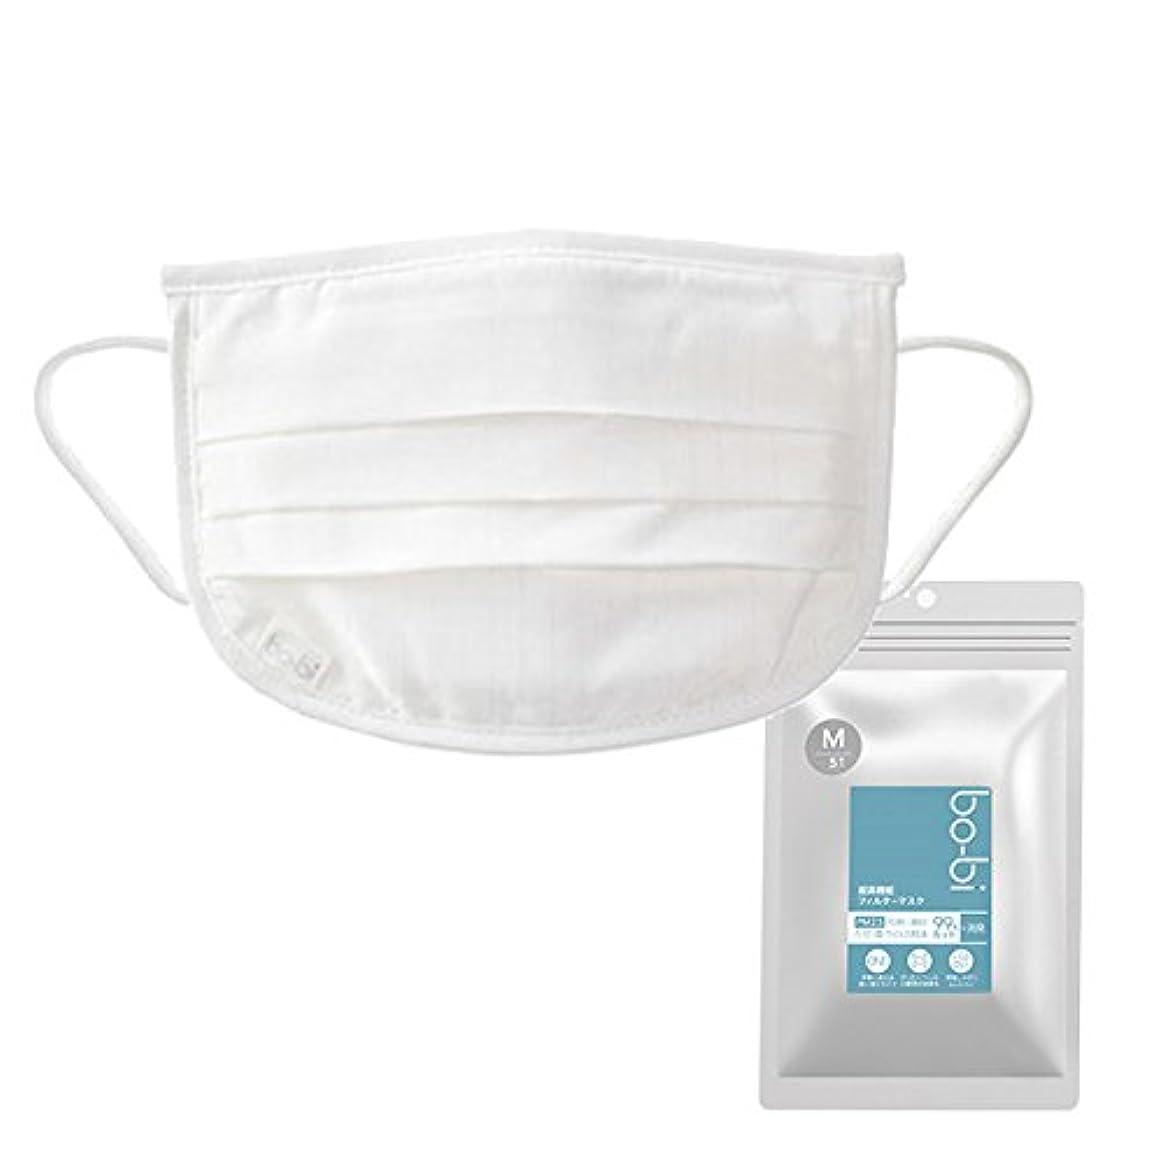 雇った証拠める次世代マスク「bo-bi」 レギュラー 使い捨てタイプ(個別包装) (5)M(大人小さめ)20枚入り